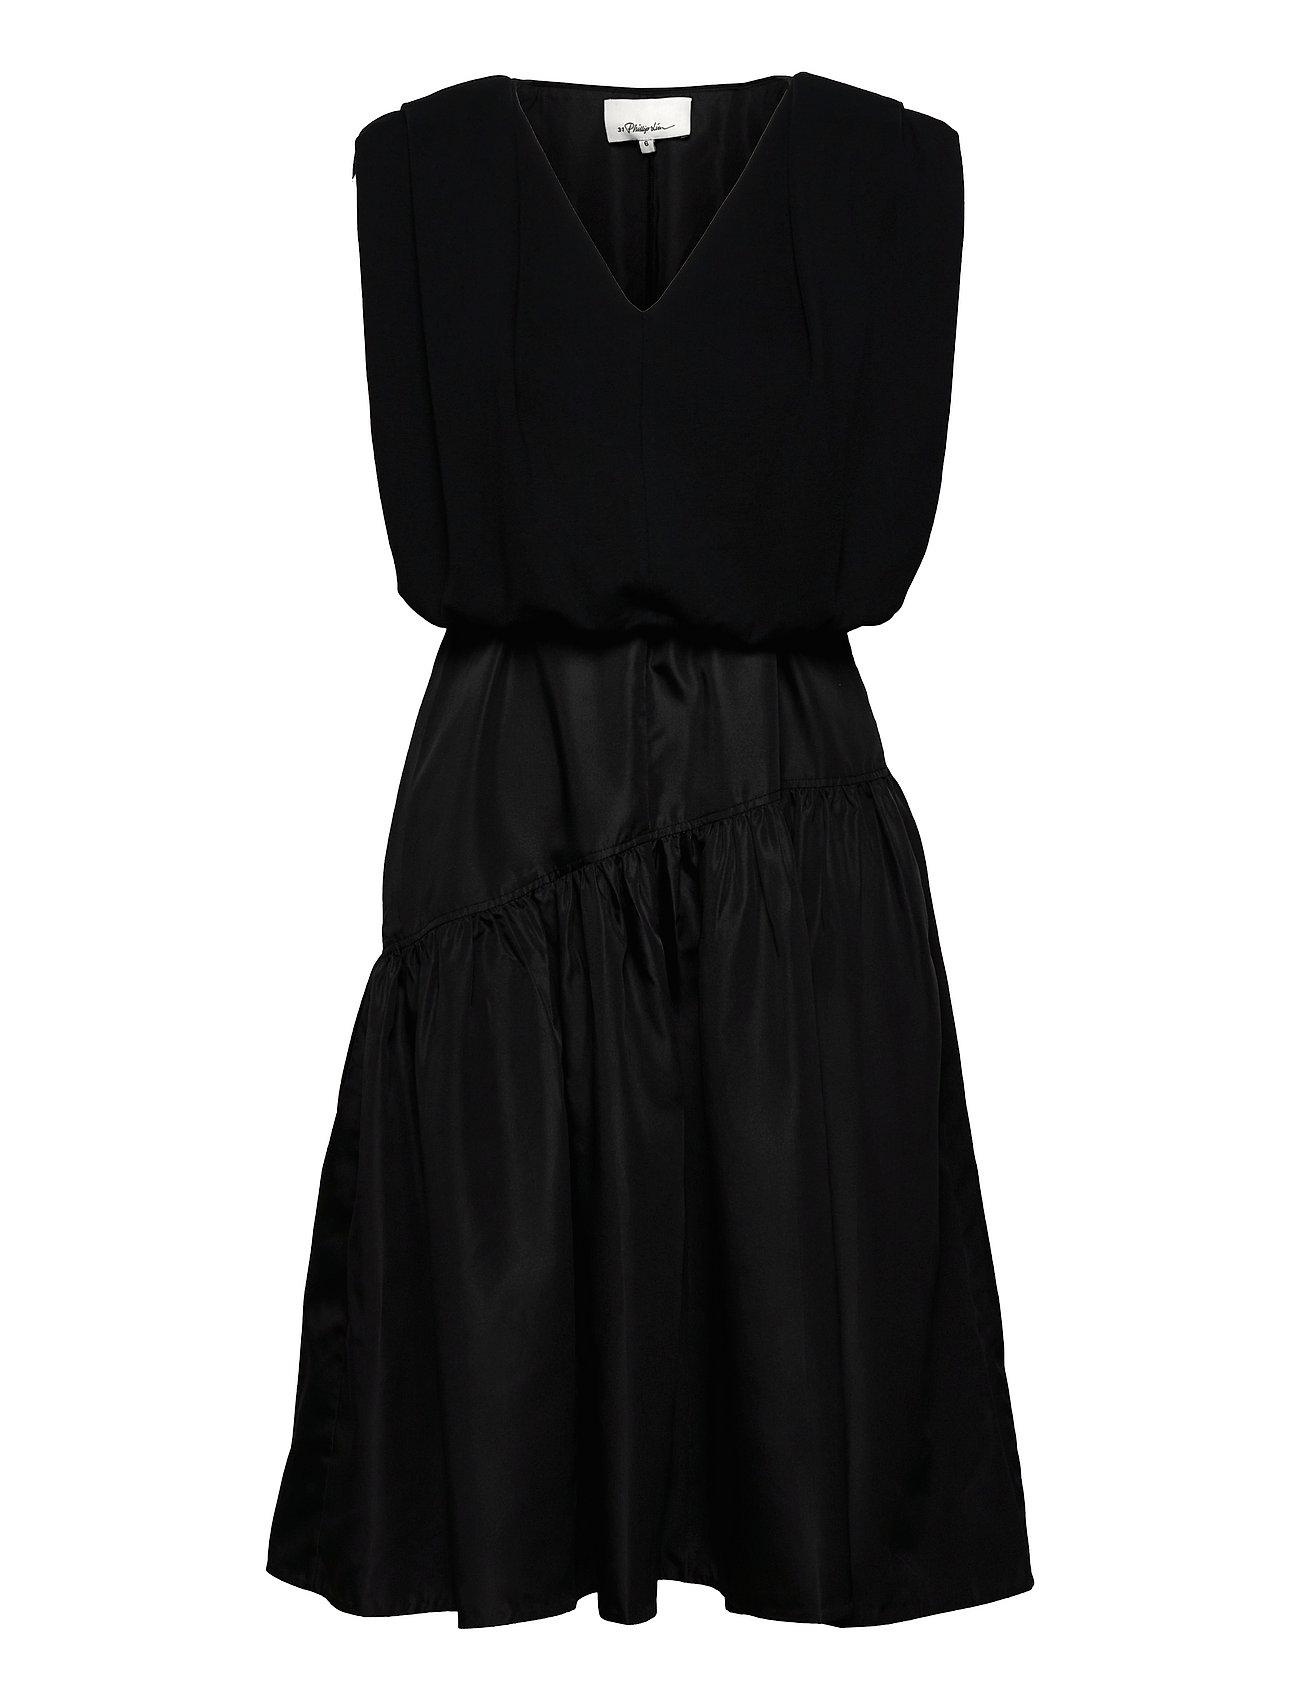 P212-9119prt / Sl French Terry Combo Dress W Taffeta Skirt Kort Kjole Sort 3.1 Phillip Lim